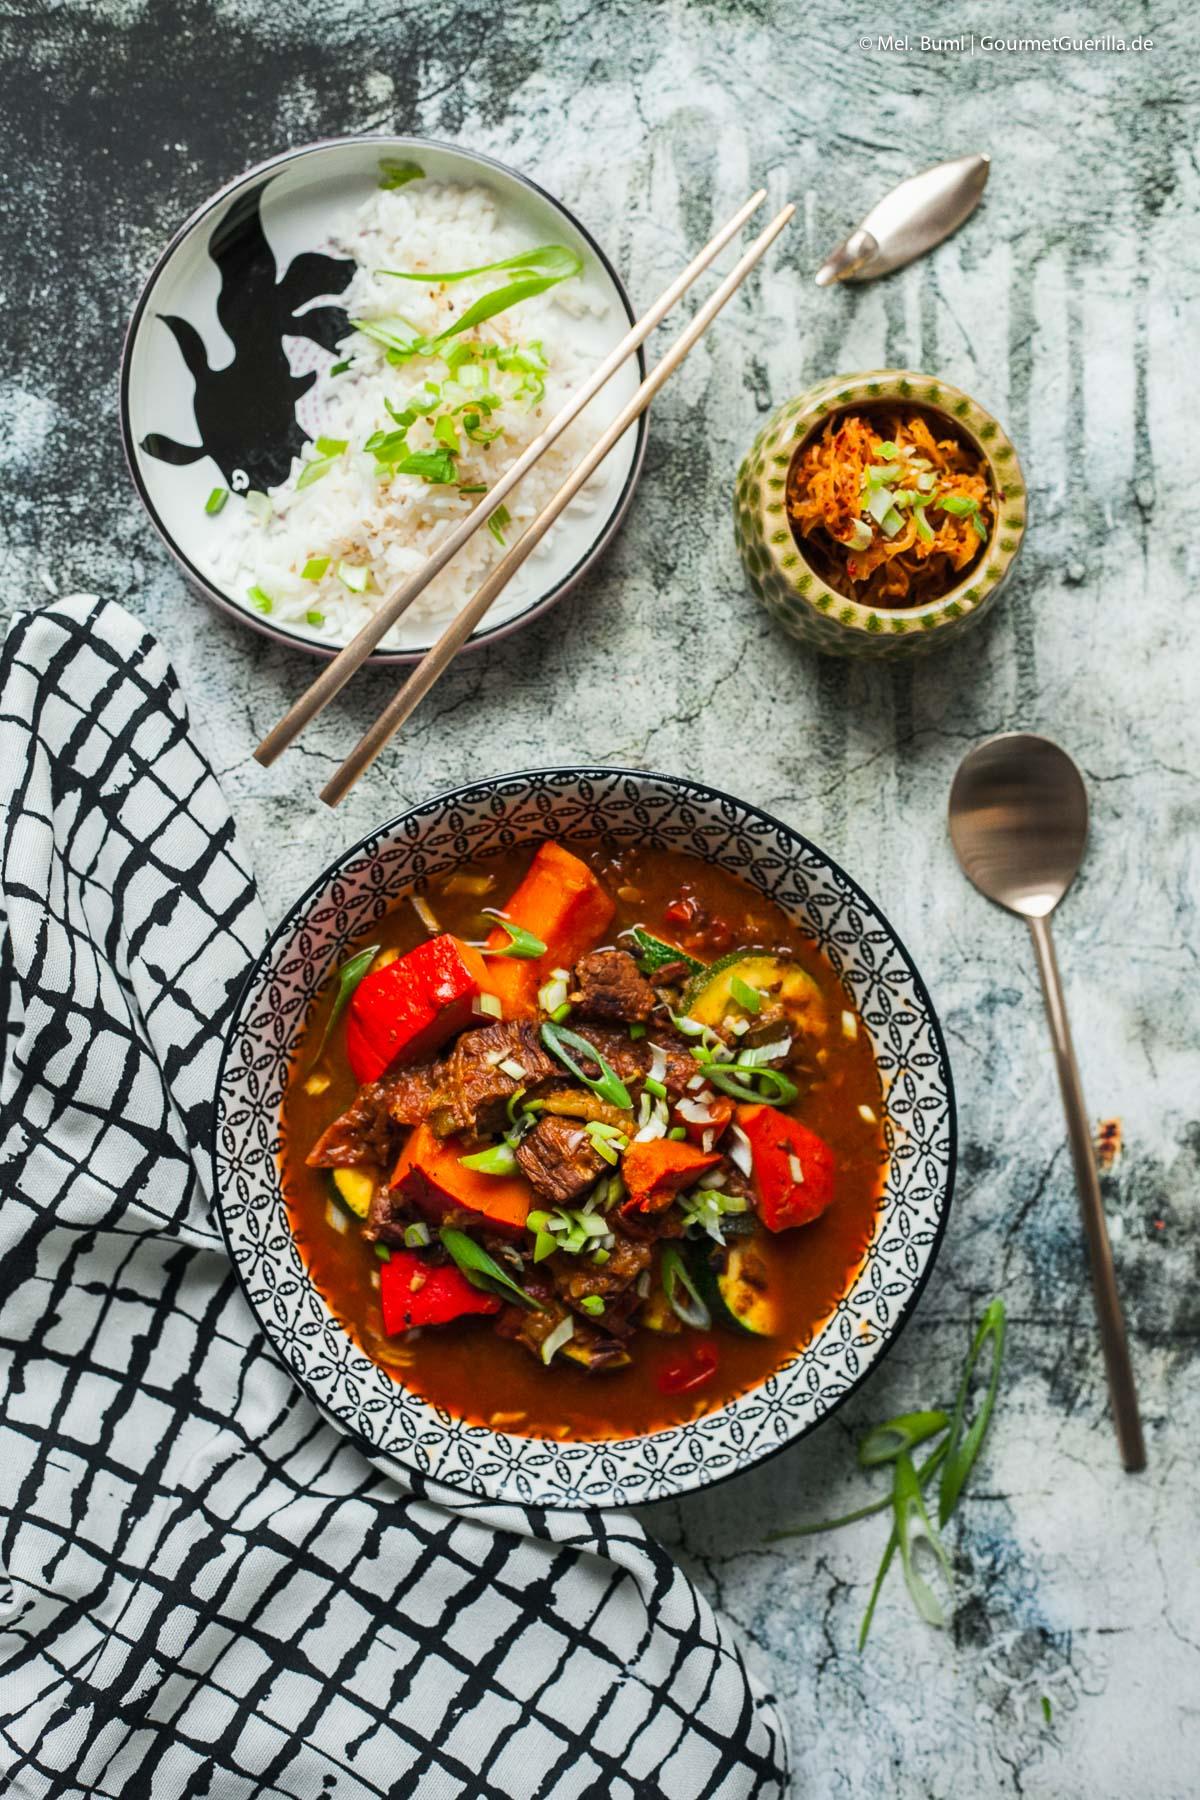 Herbstliches koreanisches Gulasch Gochujang mit Kürbis |GourmetGuerilla.de